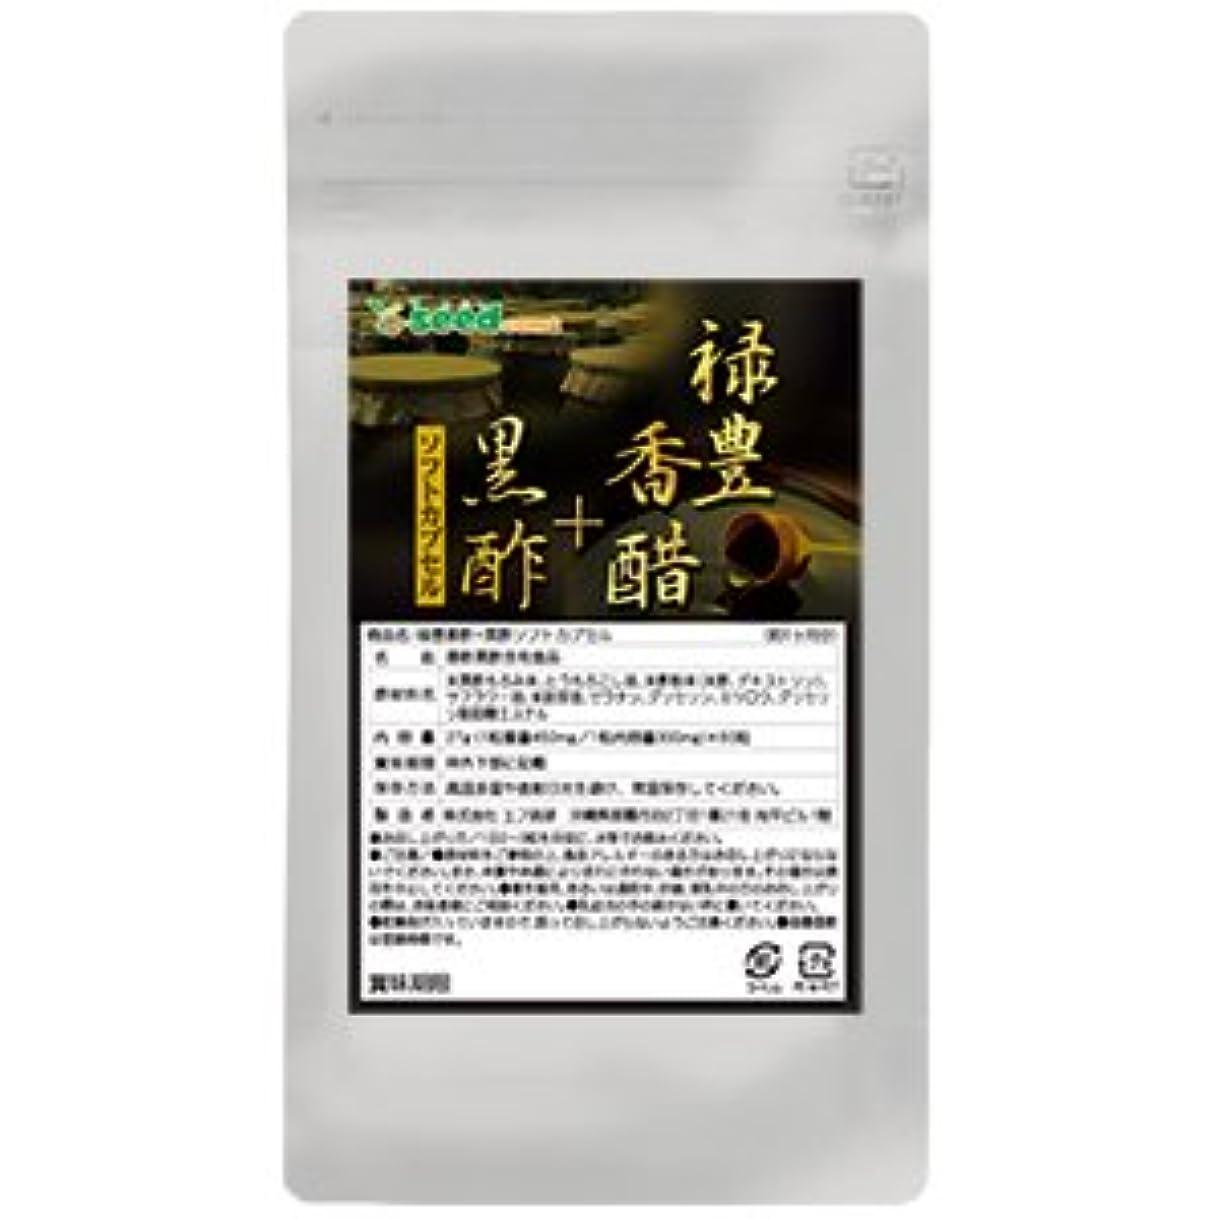 果てしないラフレシアアルノルディ理想的禄豊 香酢 + 黒酢 ソフトカプセル (約3ヶ月分/180粒)